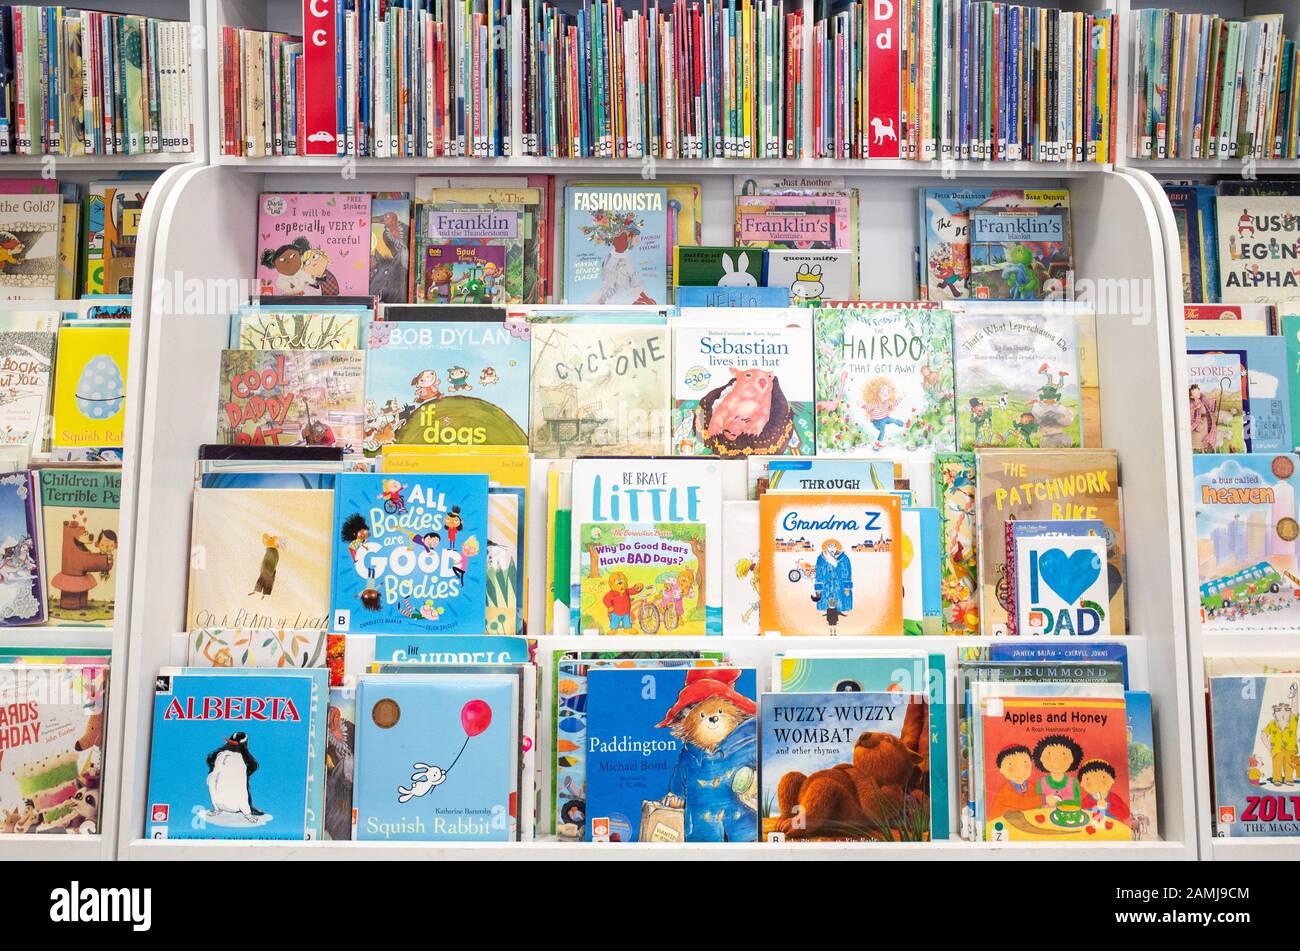 WUHUHAI Scaffale per Bambini Scaffale per Bambini Scaffale per Libri Scaffale in Legno Scaffale per Bambini Libreria per Bambini 5 imbracature per cameretta Sala Giochi Asilo Nido Scuola